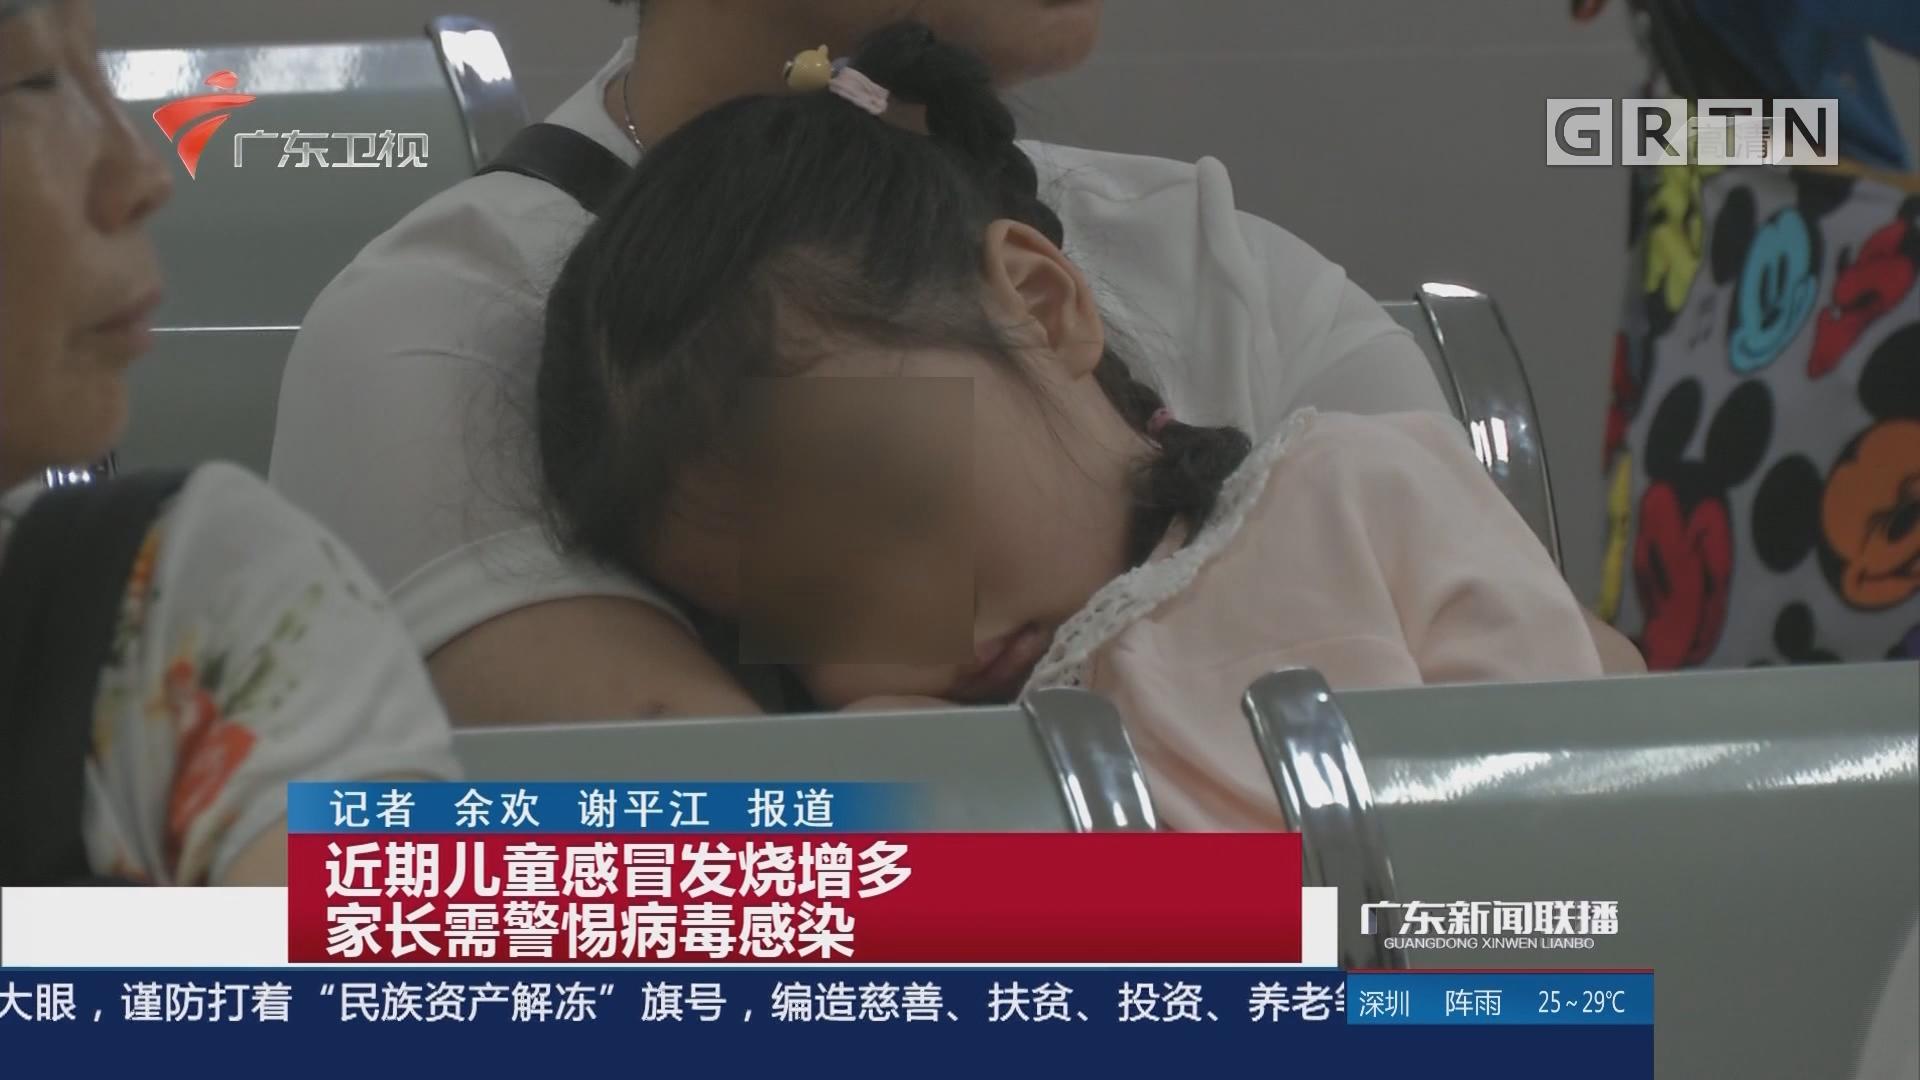 近期儿童感冒发烧增多 家长需警惕病毒感染